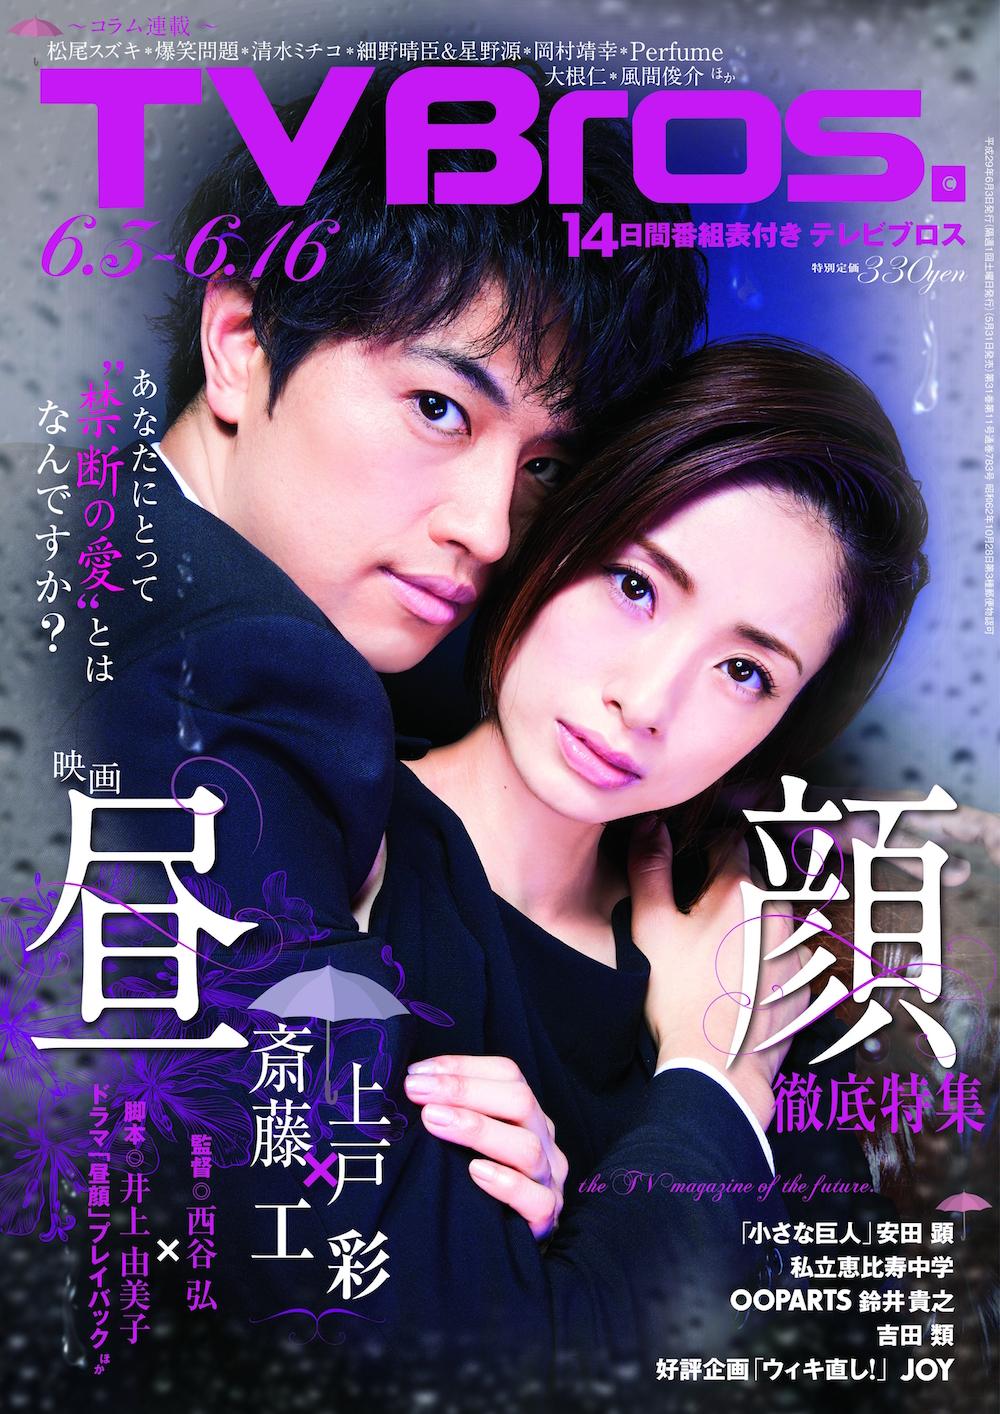 映画『昼顔』出演の上戸彩・斎藤工、「TV Bros.」